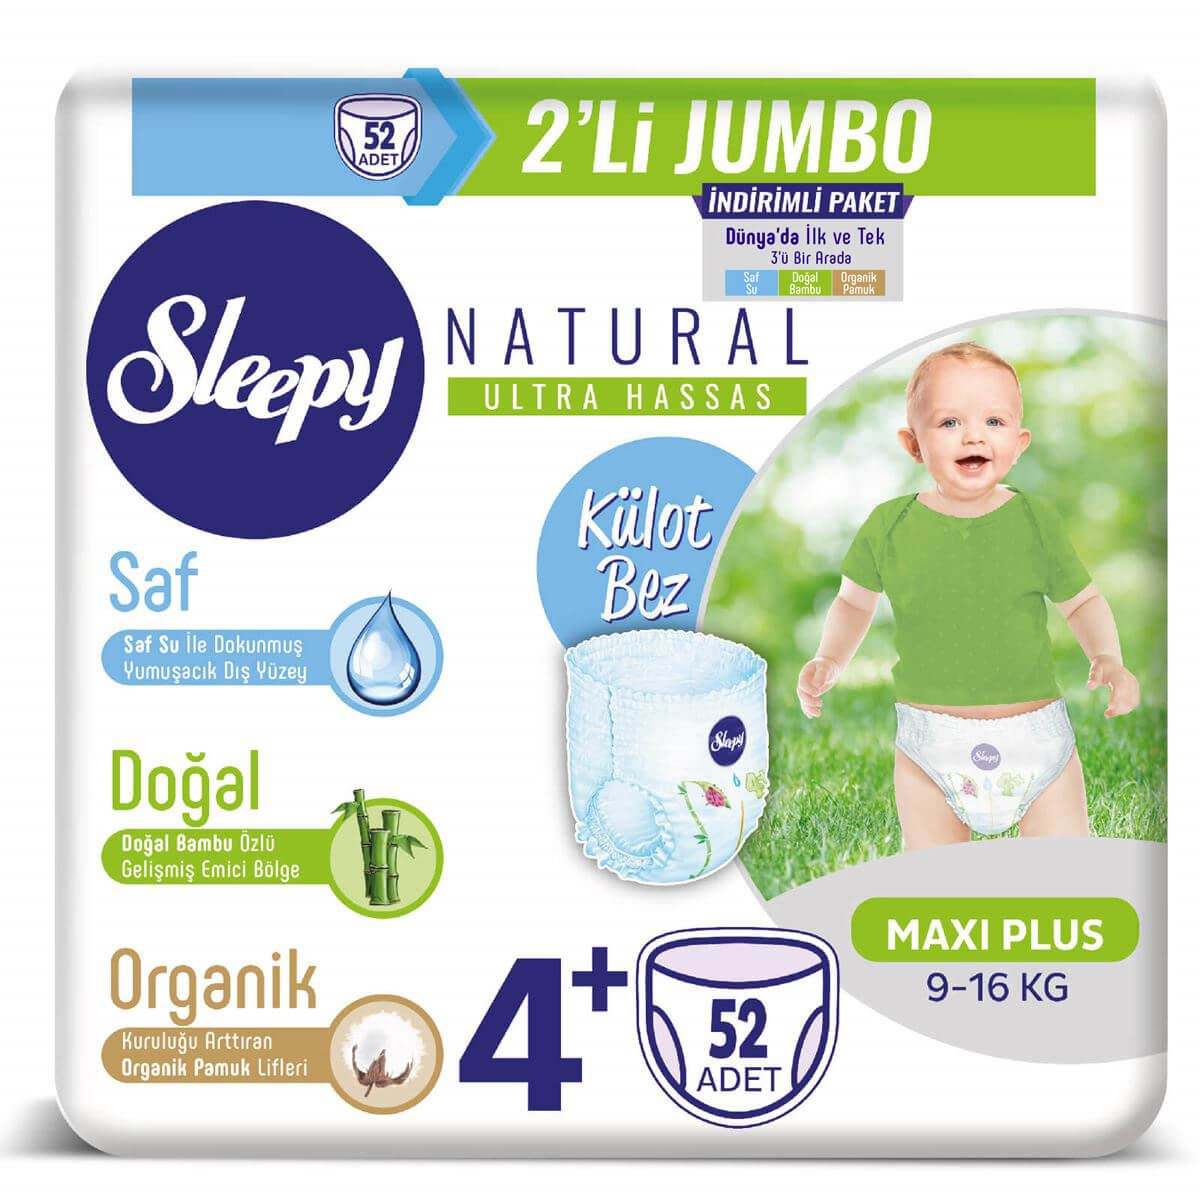 Sleepy Natural KÜLOT Bez 4+ Numara Maxi Plus 2'Lİ JUMBO 52 Adet